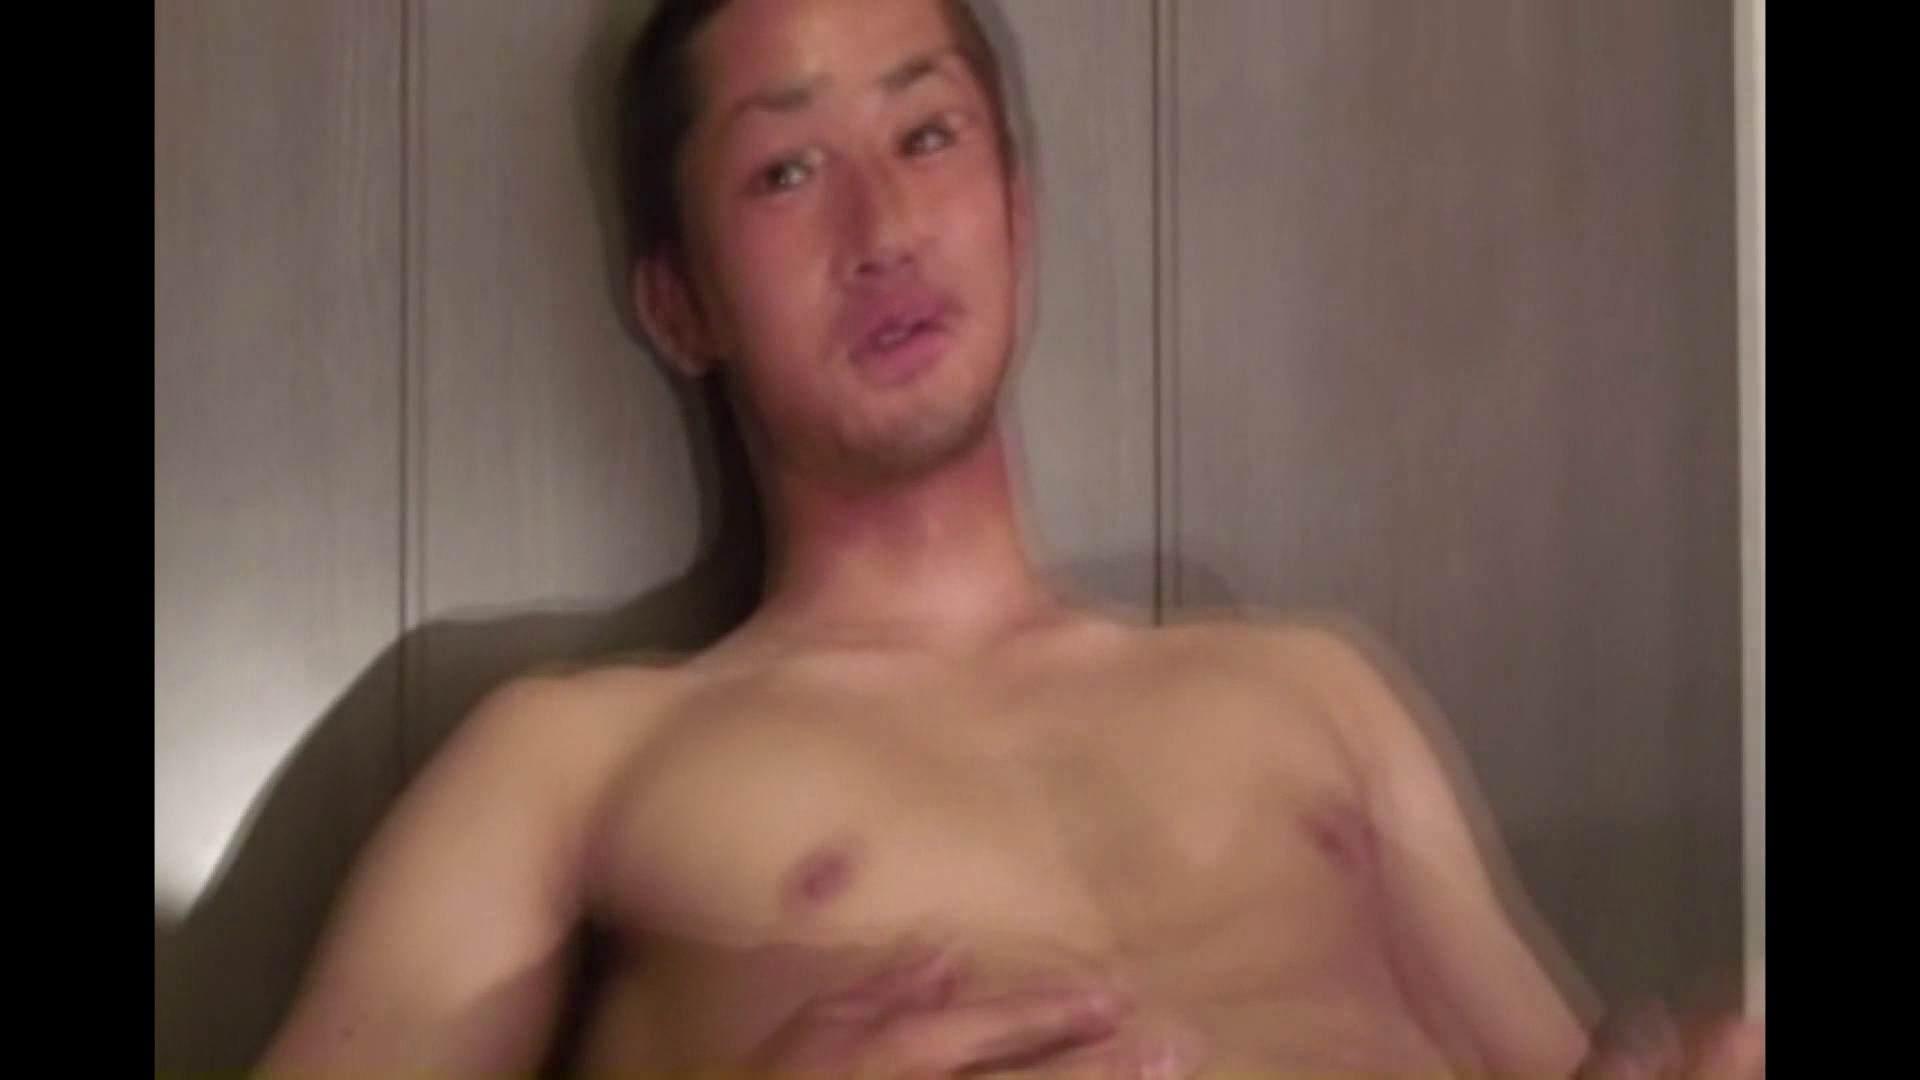 ノンケイケメンの欲望と肉棒 Vol.4 肉   ノンケボーイズ  52pic 19